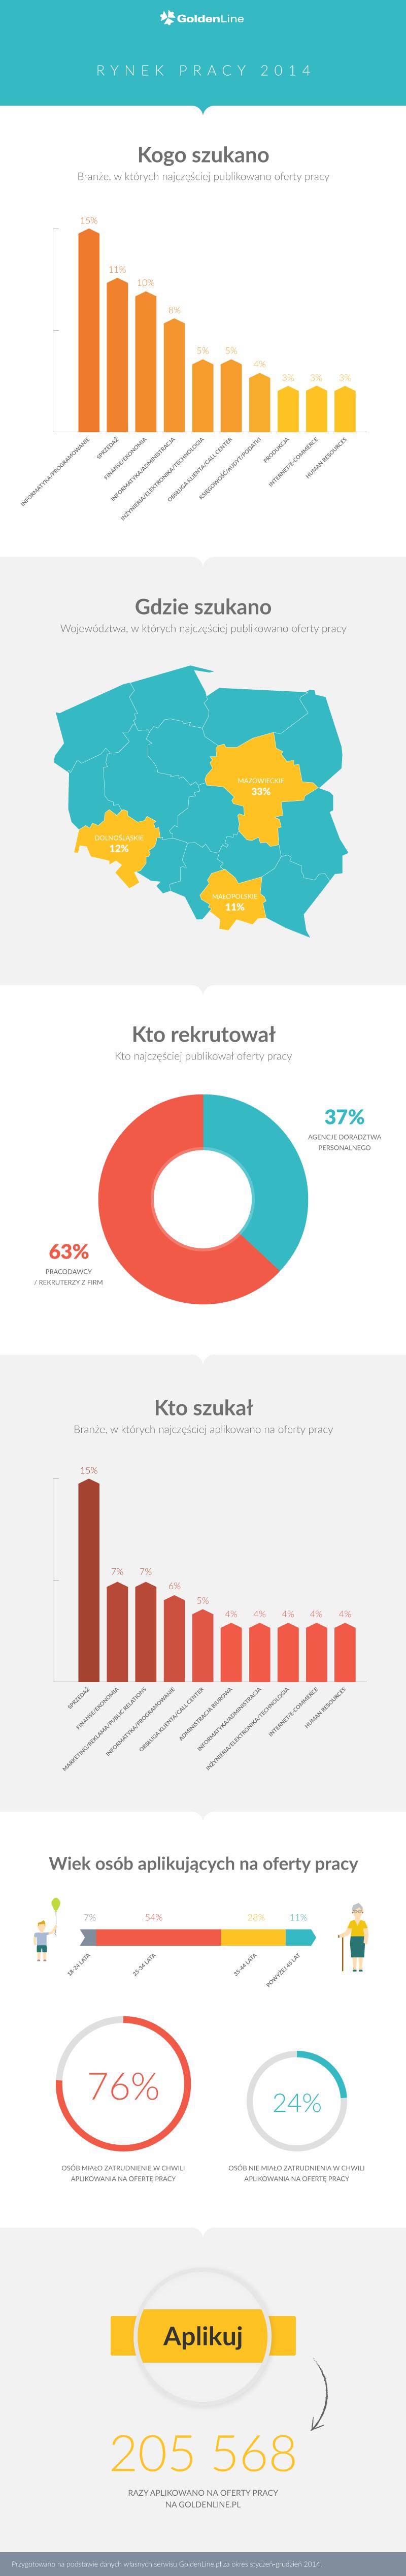 Rynek pracy 2014 [infografika]